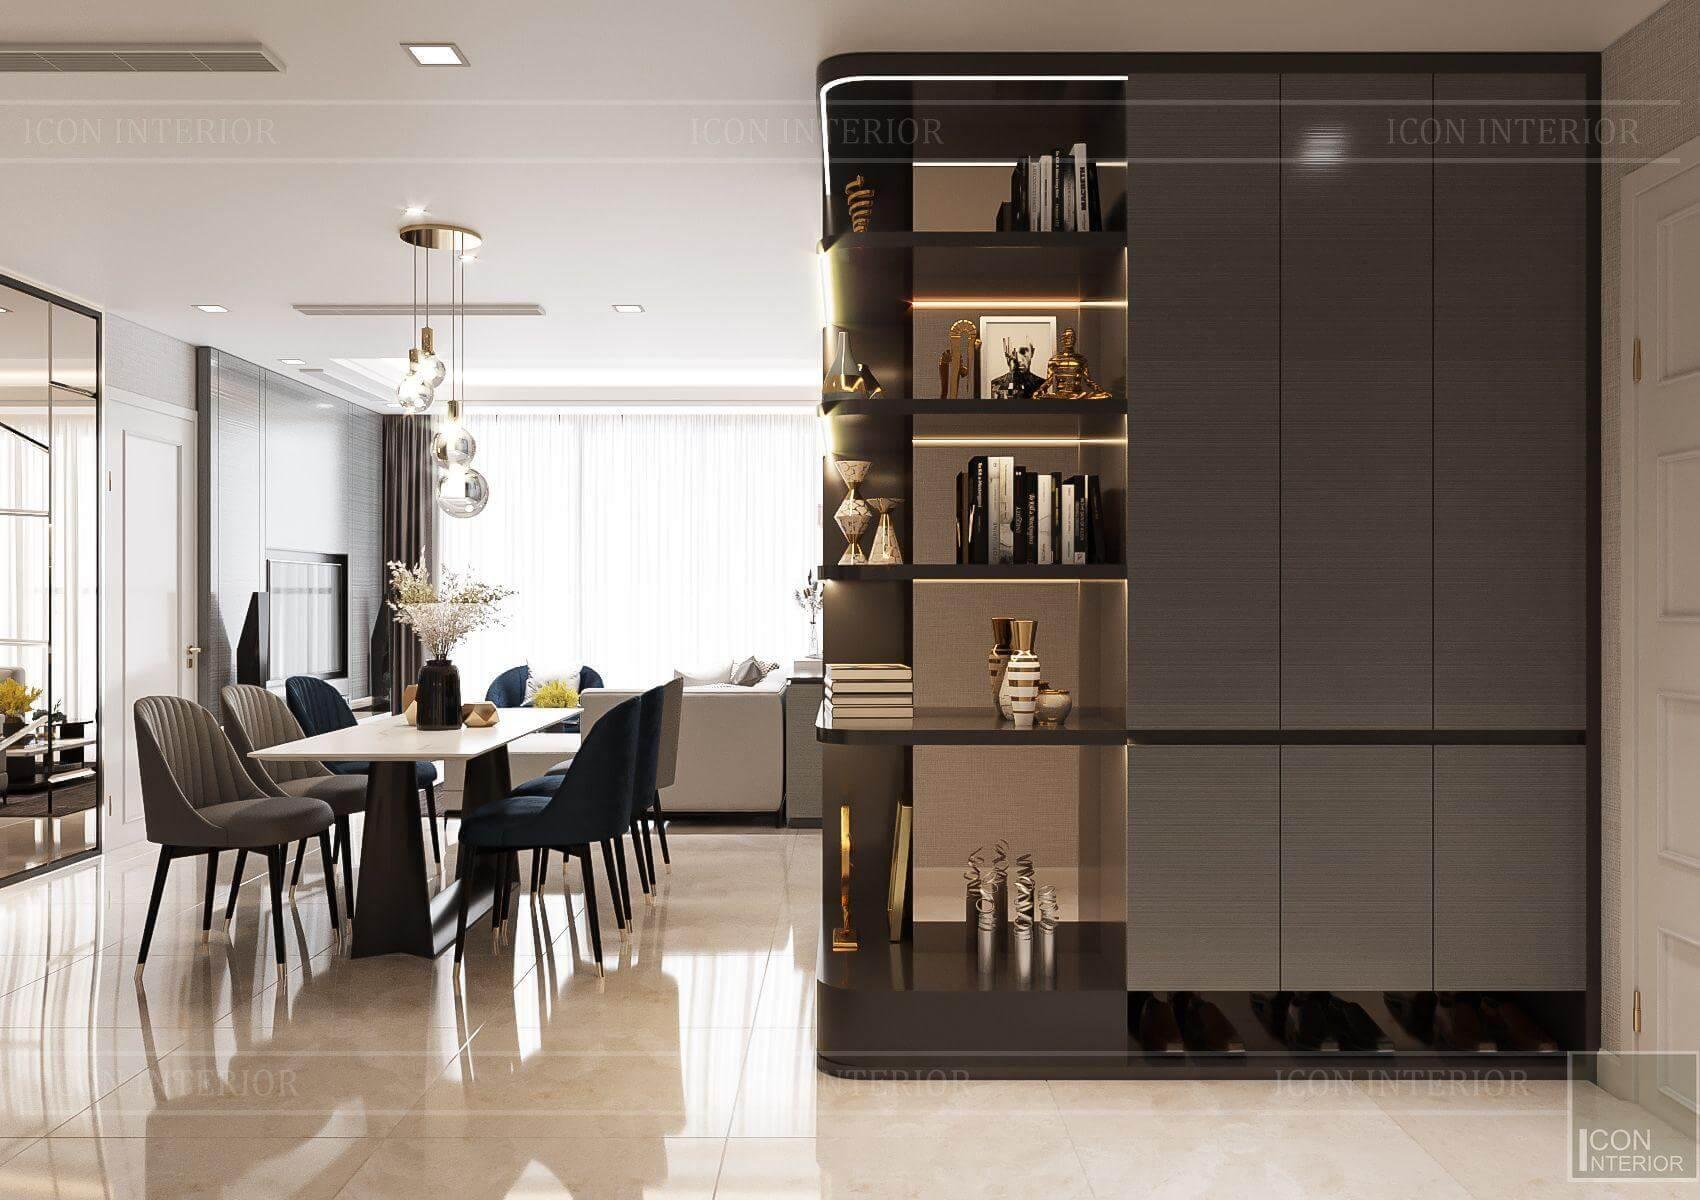 Thiết kế nội thất căn hộ chung cư Vinhomes Ba Son - bàn ăn